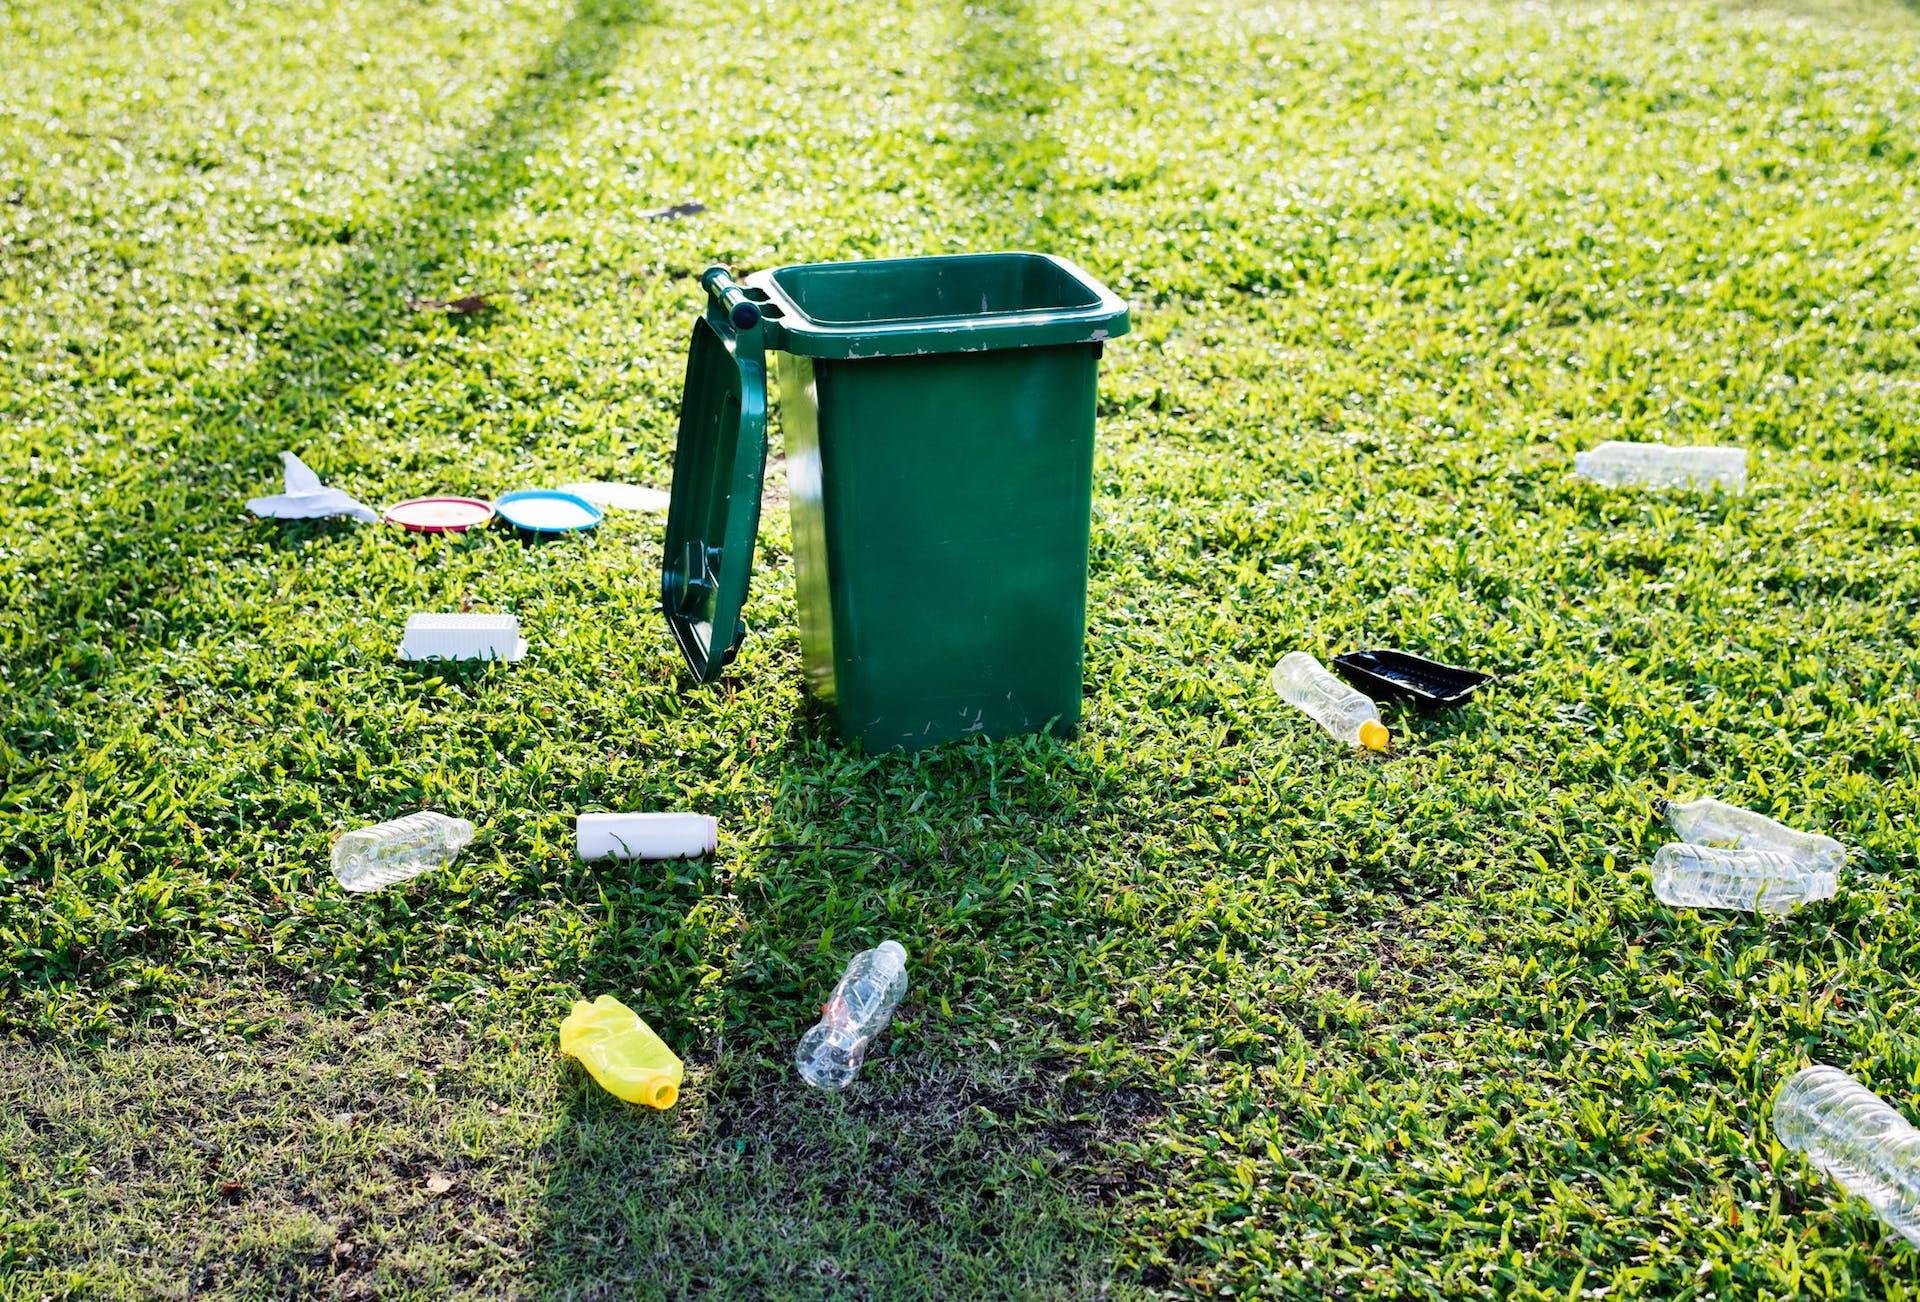 Vous triez mal vos déchets. Heureusement, il y a une app pour vous aider !